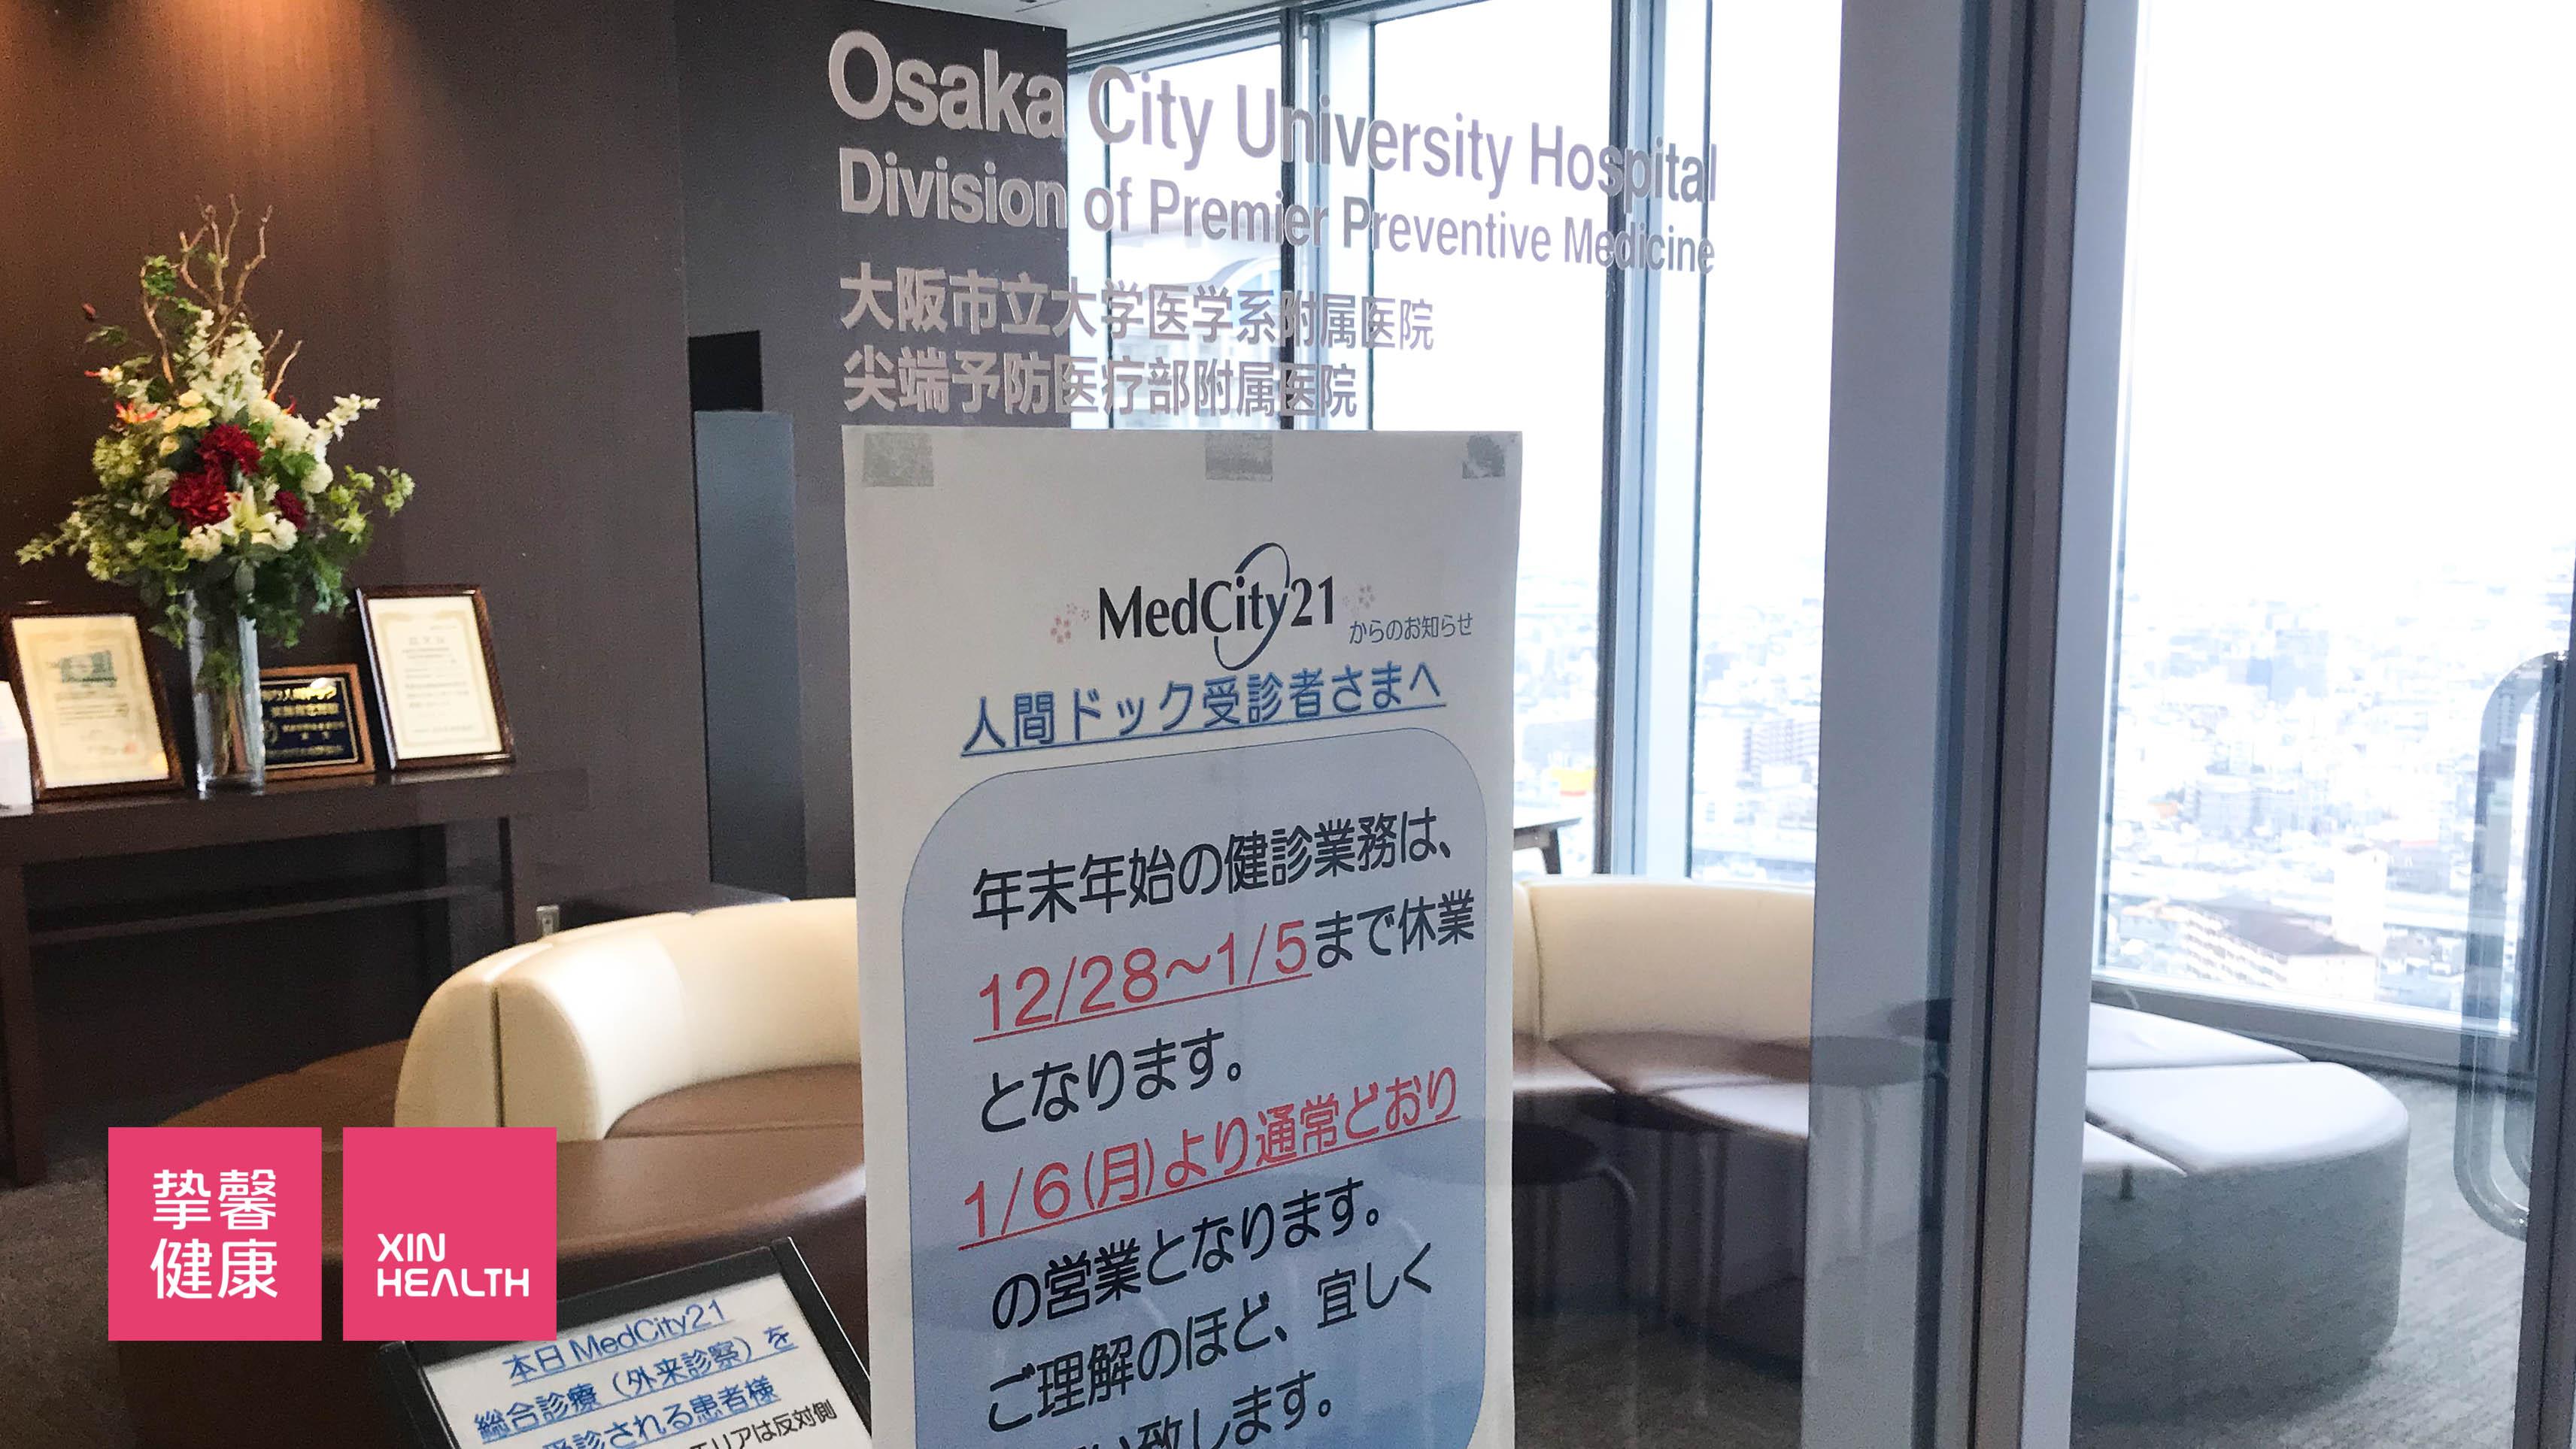 日本高级体检 大阪市立大学医学部附属医院 体检部入口